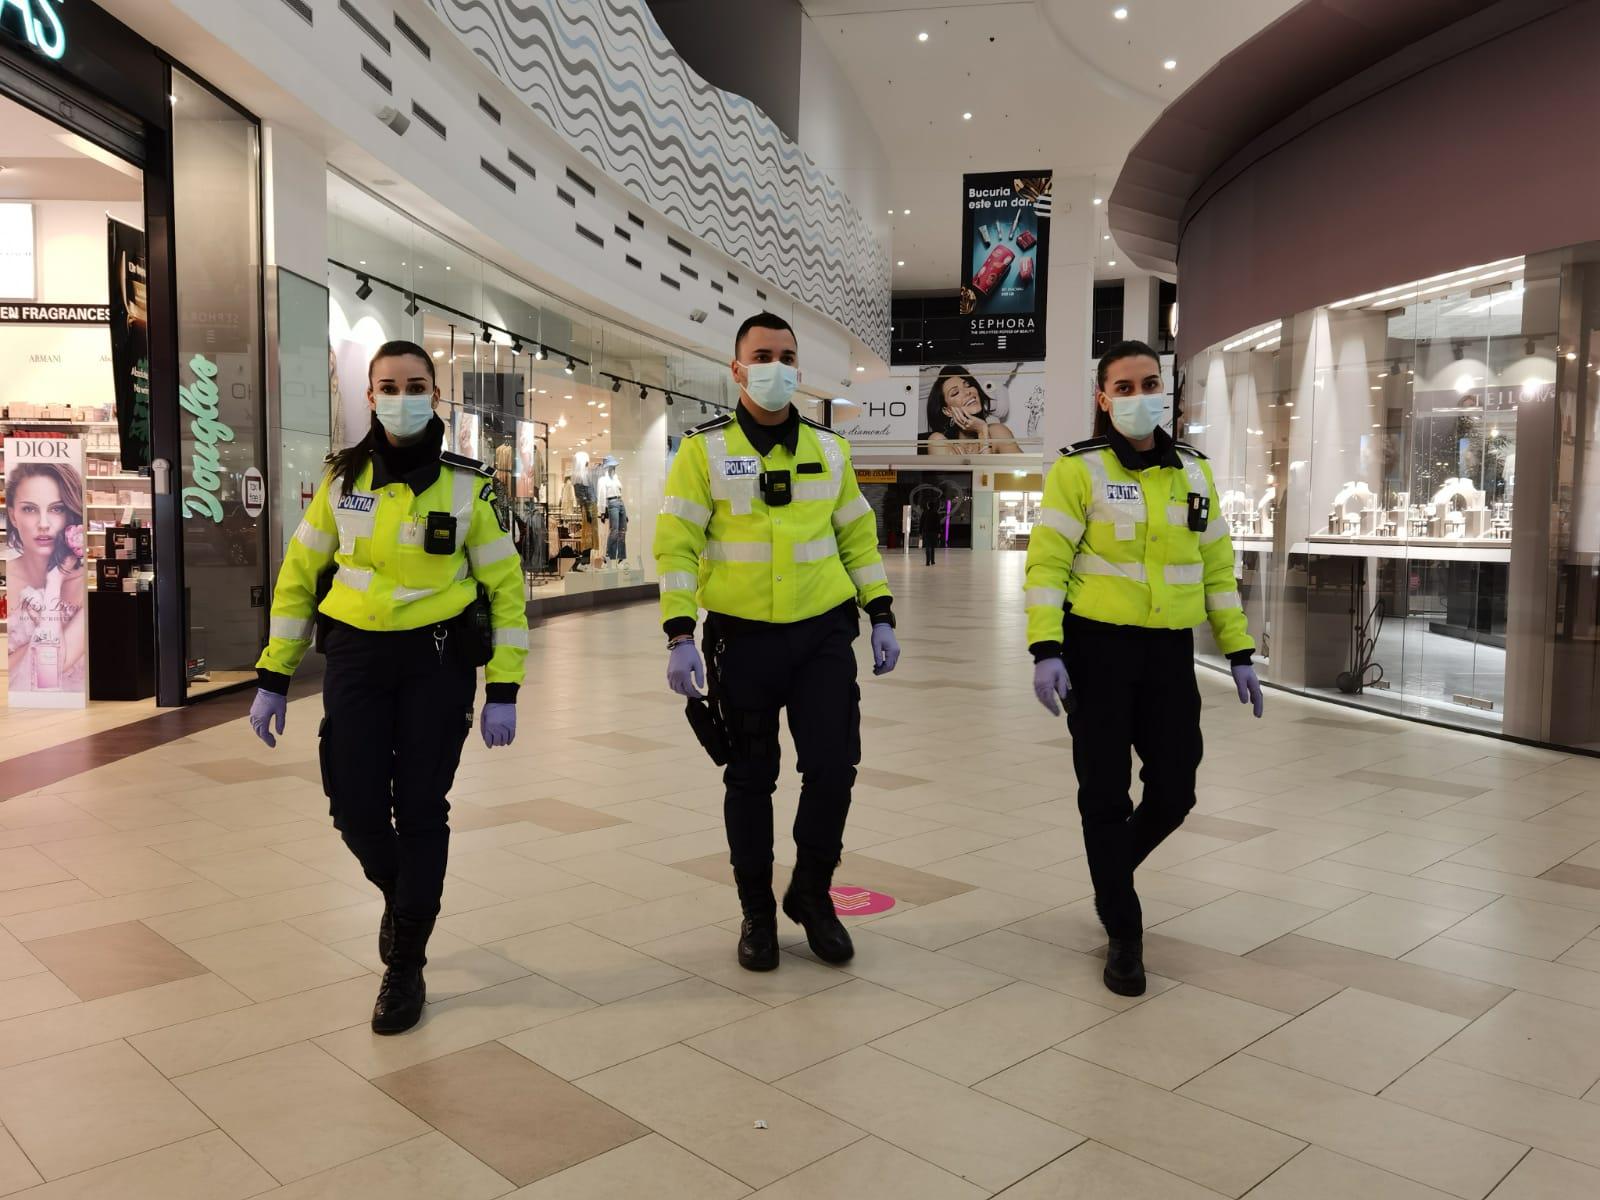 Polițiști din cadrul Poliției municipiului Constanța, împreună cu jandarmi ai I.J.J. Constanța, respectiv G.J.M. Tomis, pompieri din cadrul I.S.U. Dobrogea și polițiști din cadrul Poliției Locale Constanța au organizat, în cursul zilei de ieri, acțiuni pe linia verificării respectării măsurilor impuse prin Legea 55/2020, pentru prevenirea și combaterea efectelor pandemiei de COVID-19.